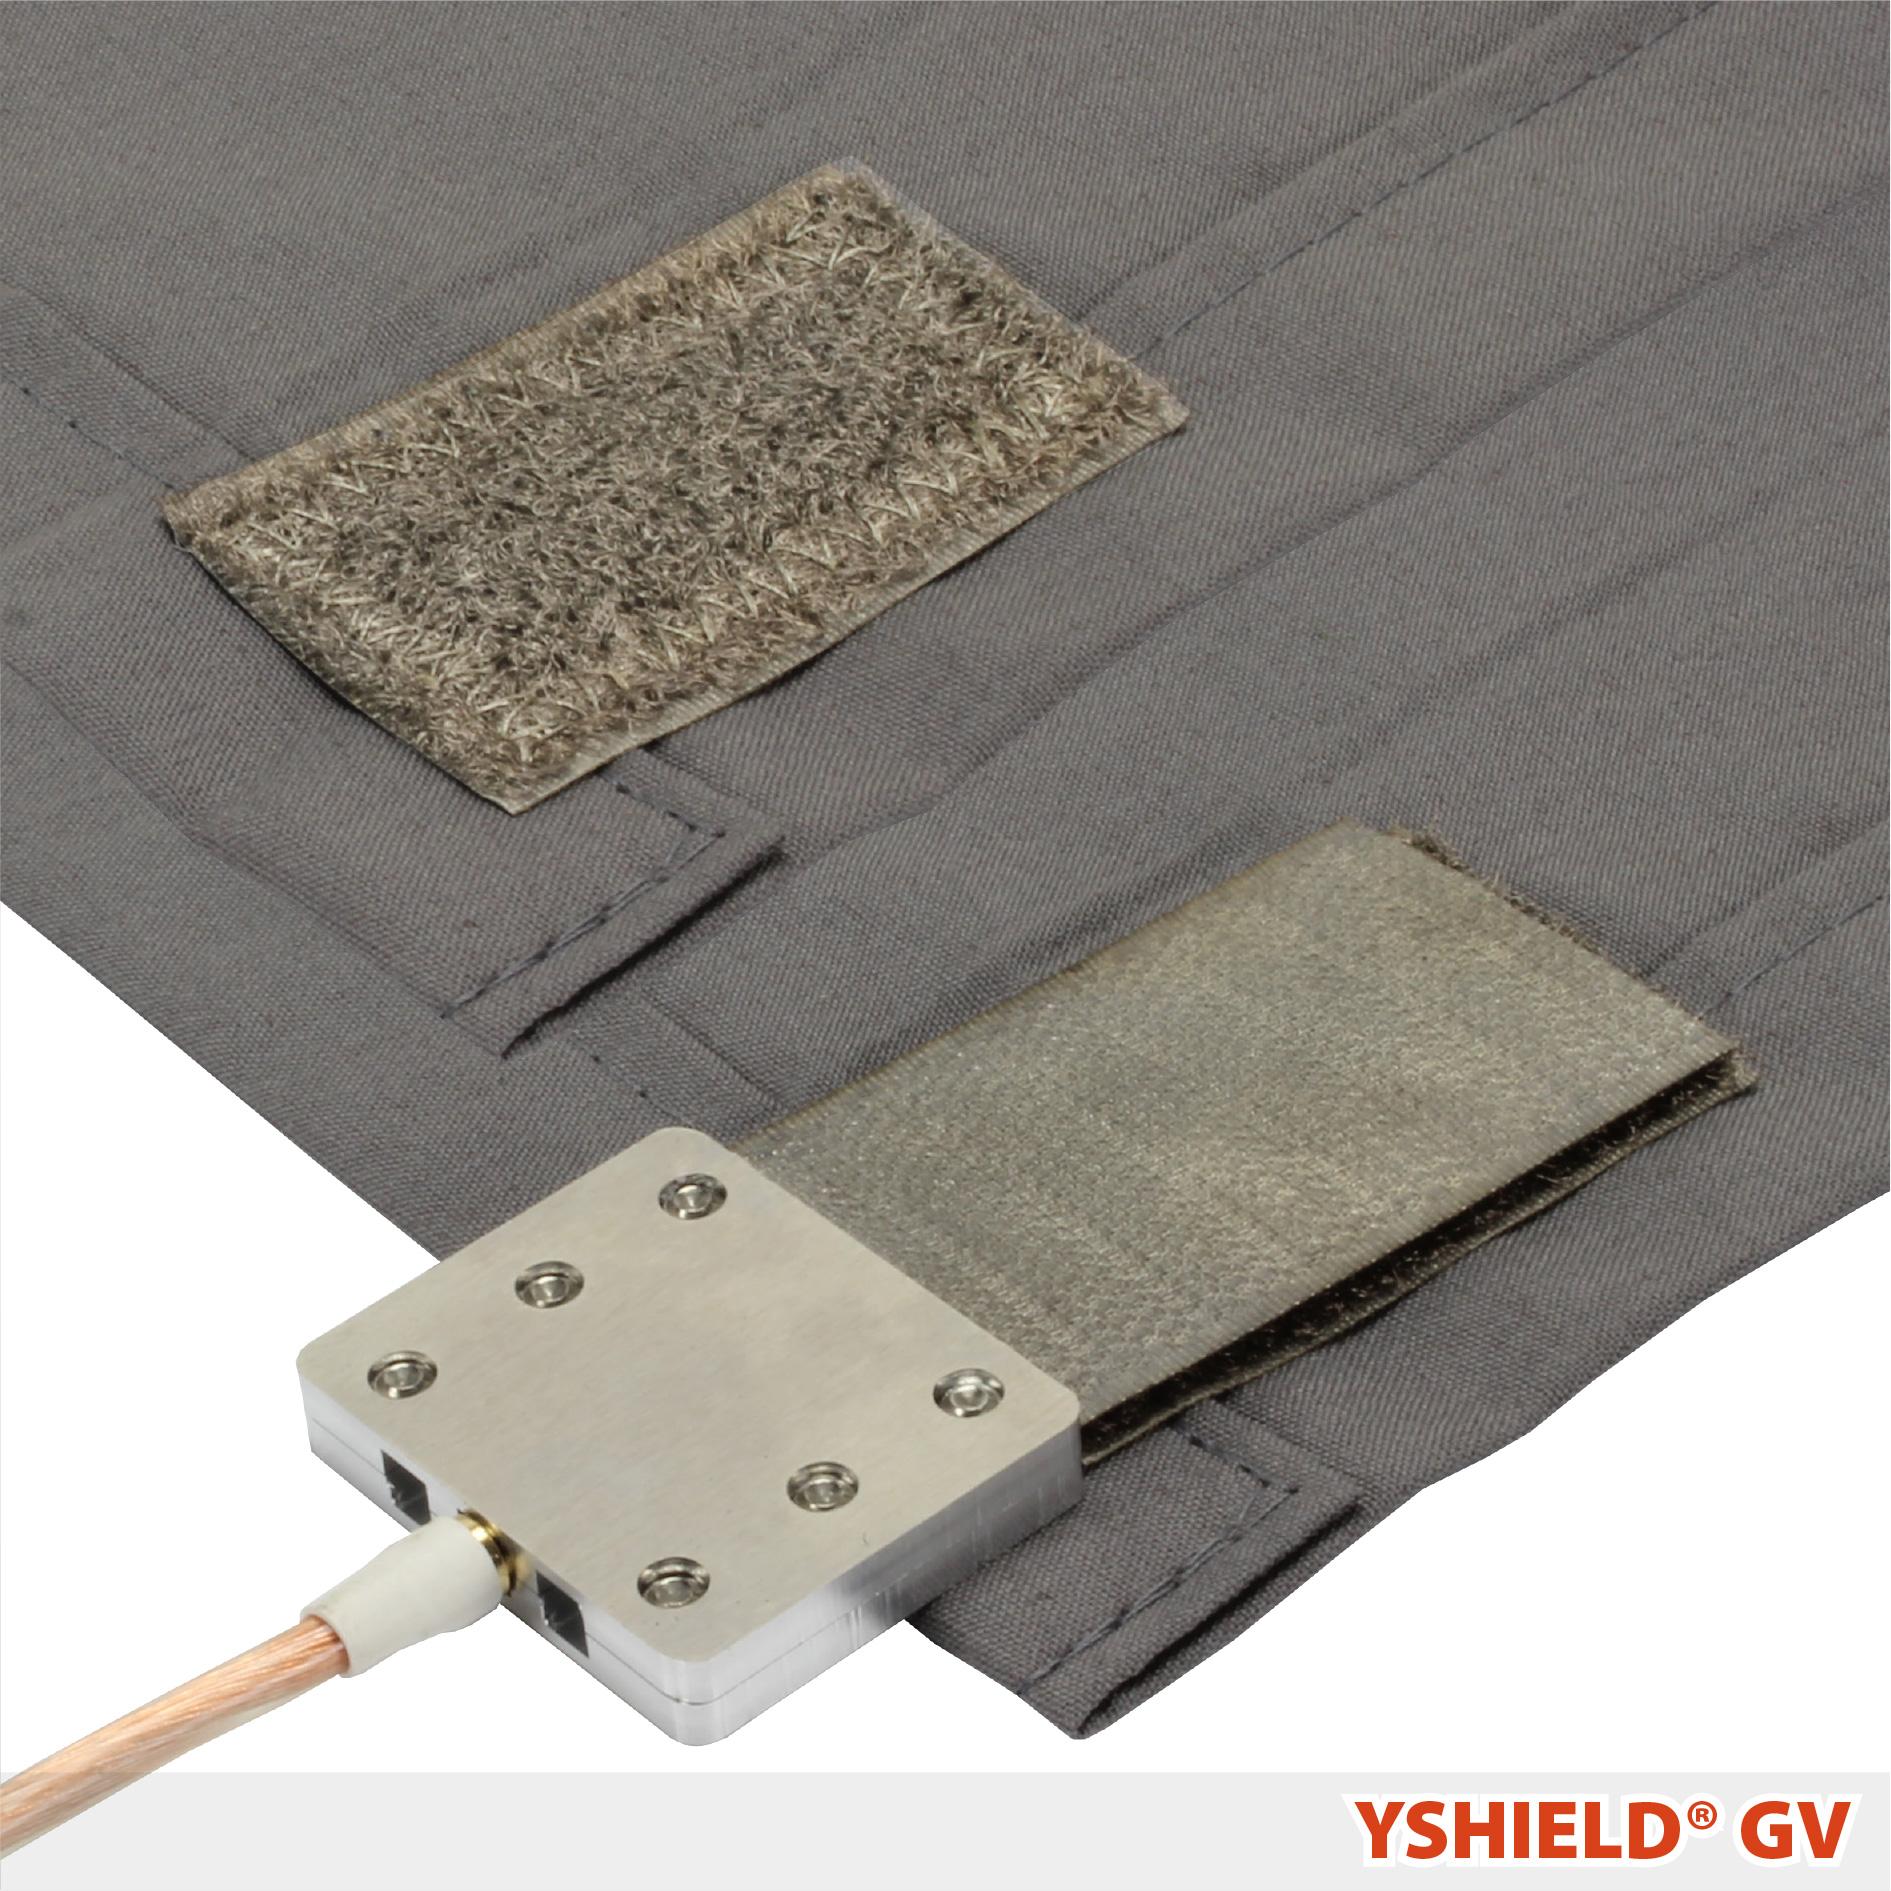 Grounding Plate Velcro Gv Helseforhandleren